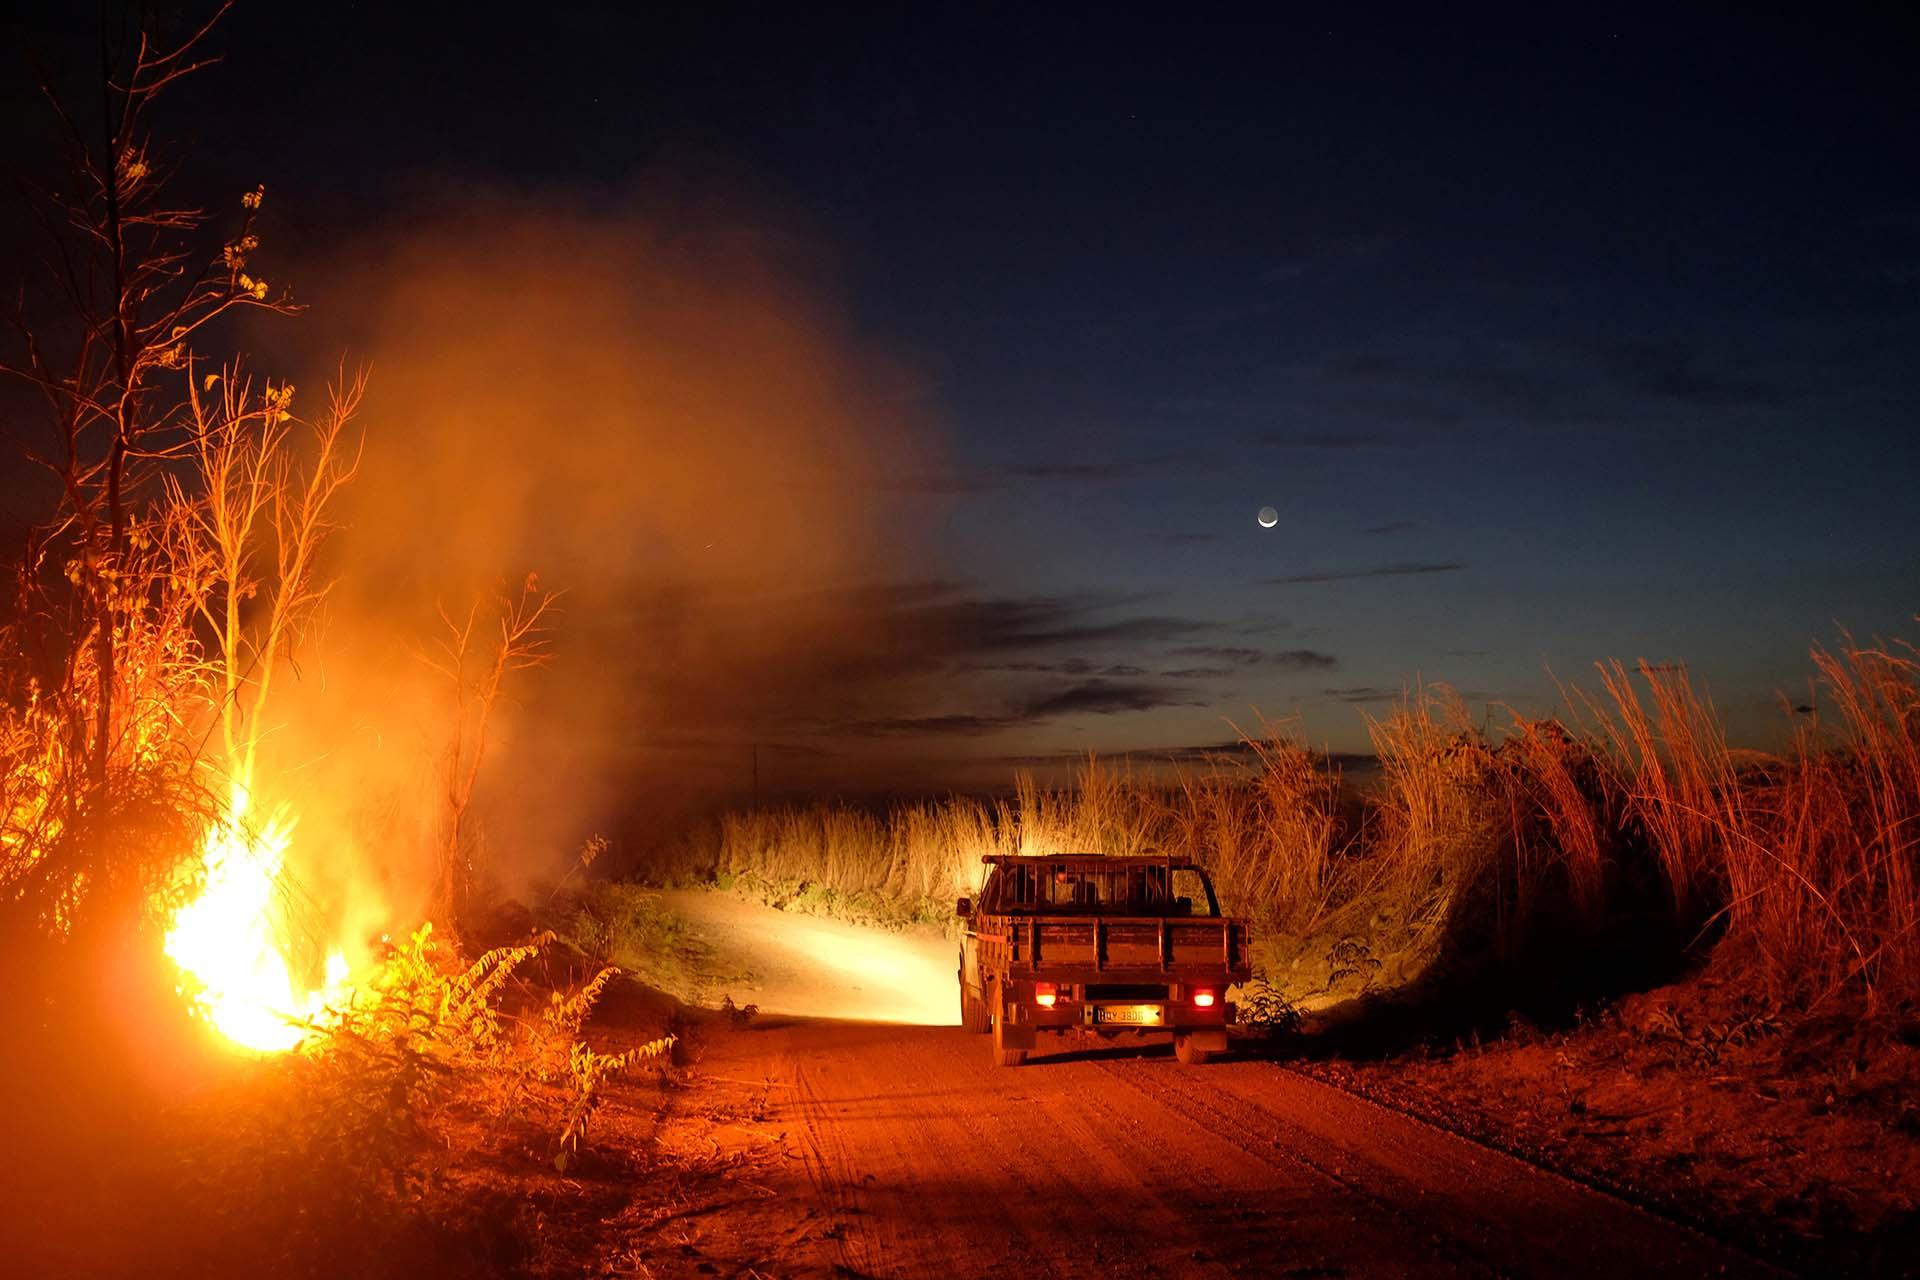 Una camioneta pasa cerca de la aldea de Babacu, pueblo indígena de Xavante, estado de Mato Grosso, en medio de los incendios